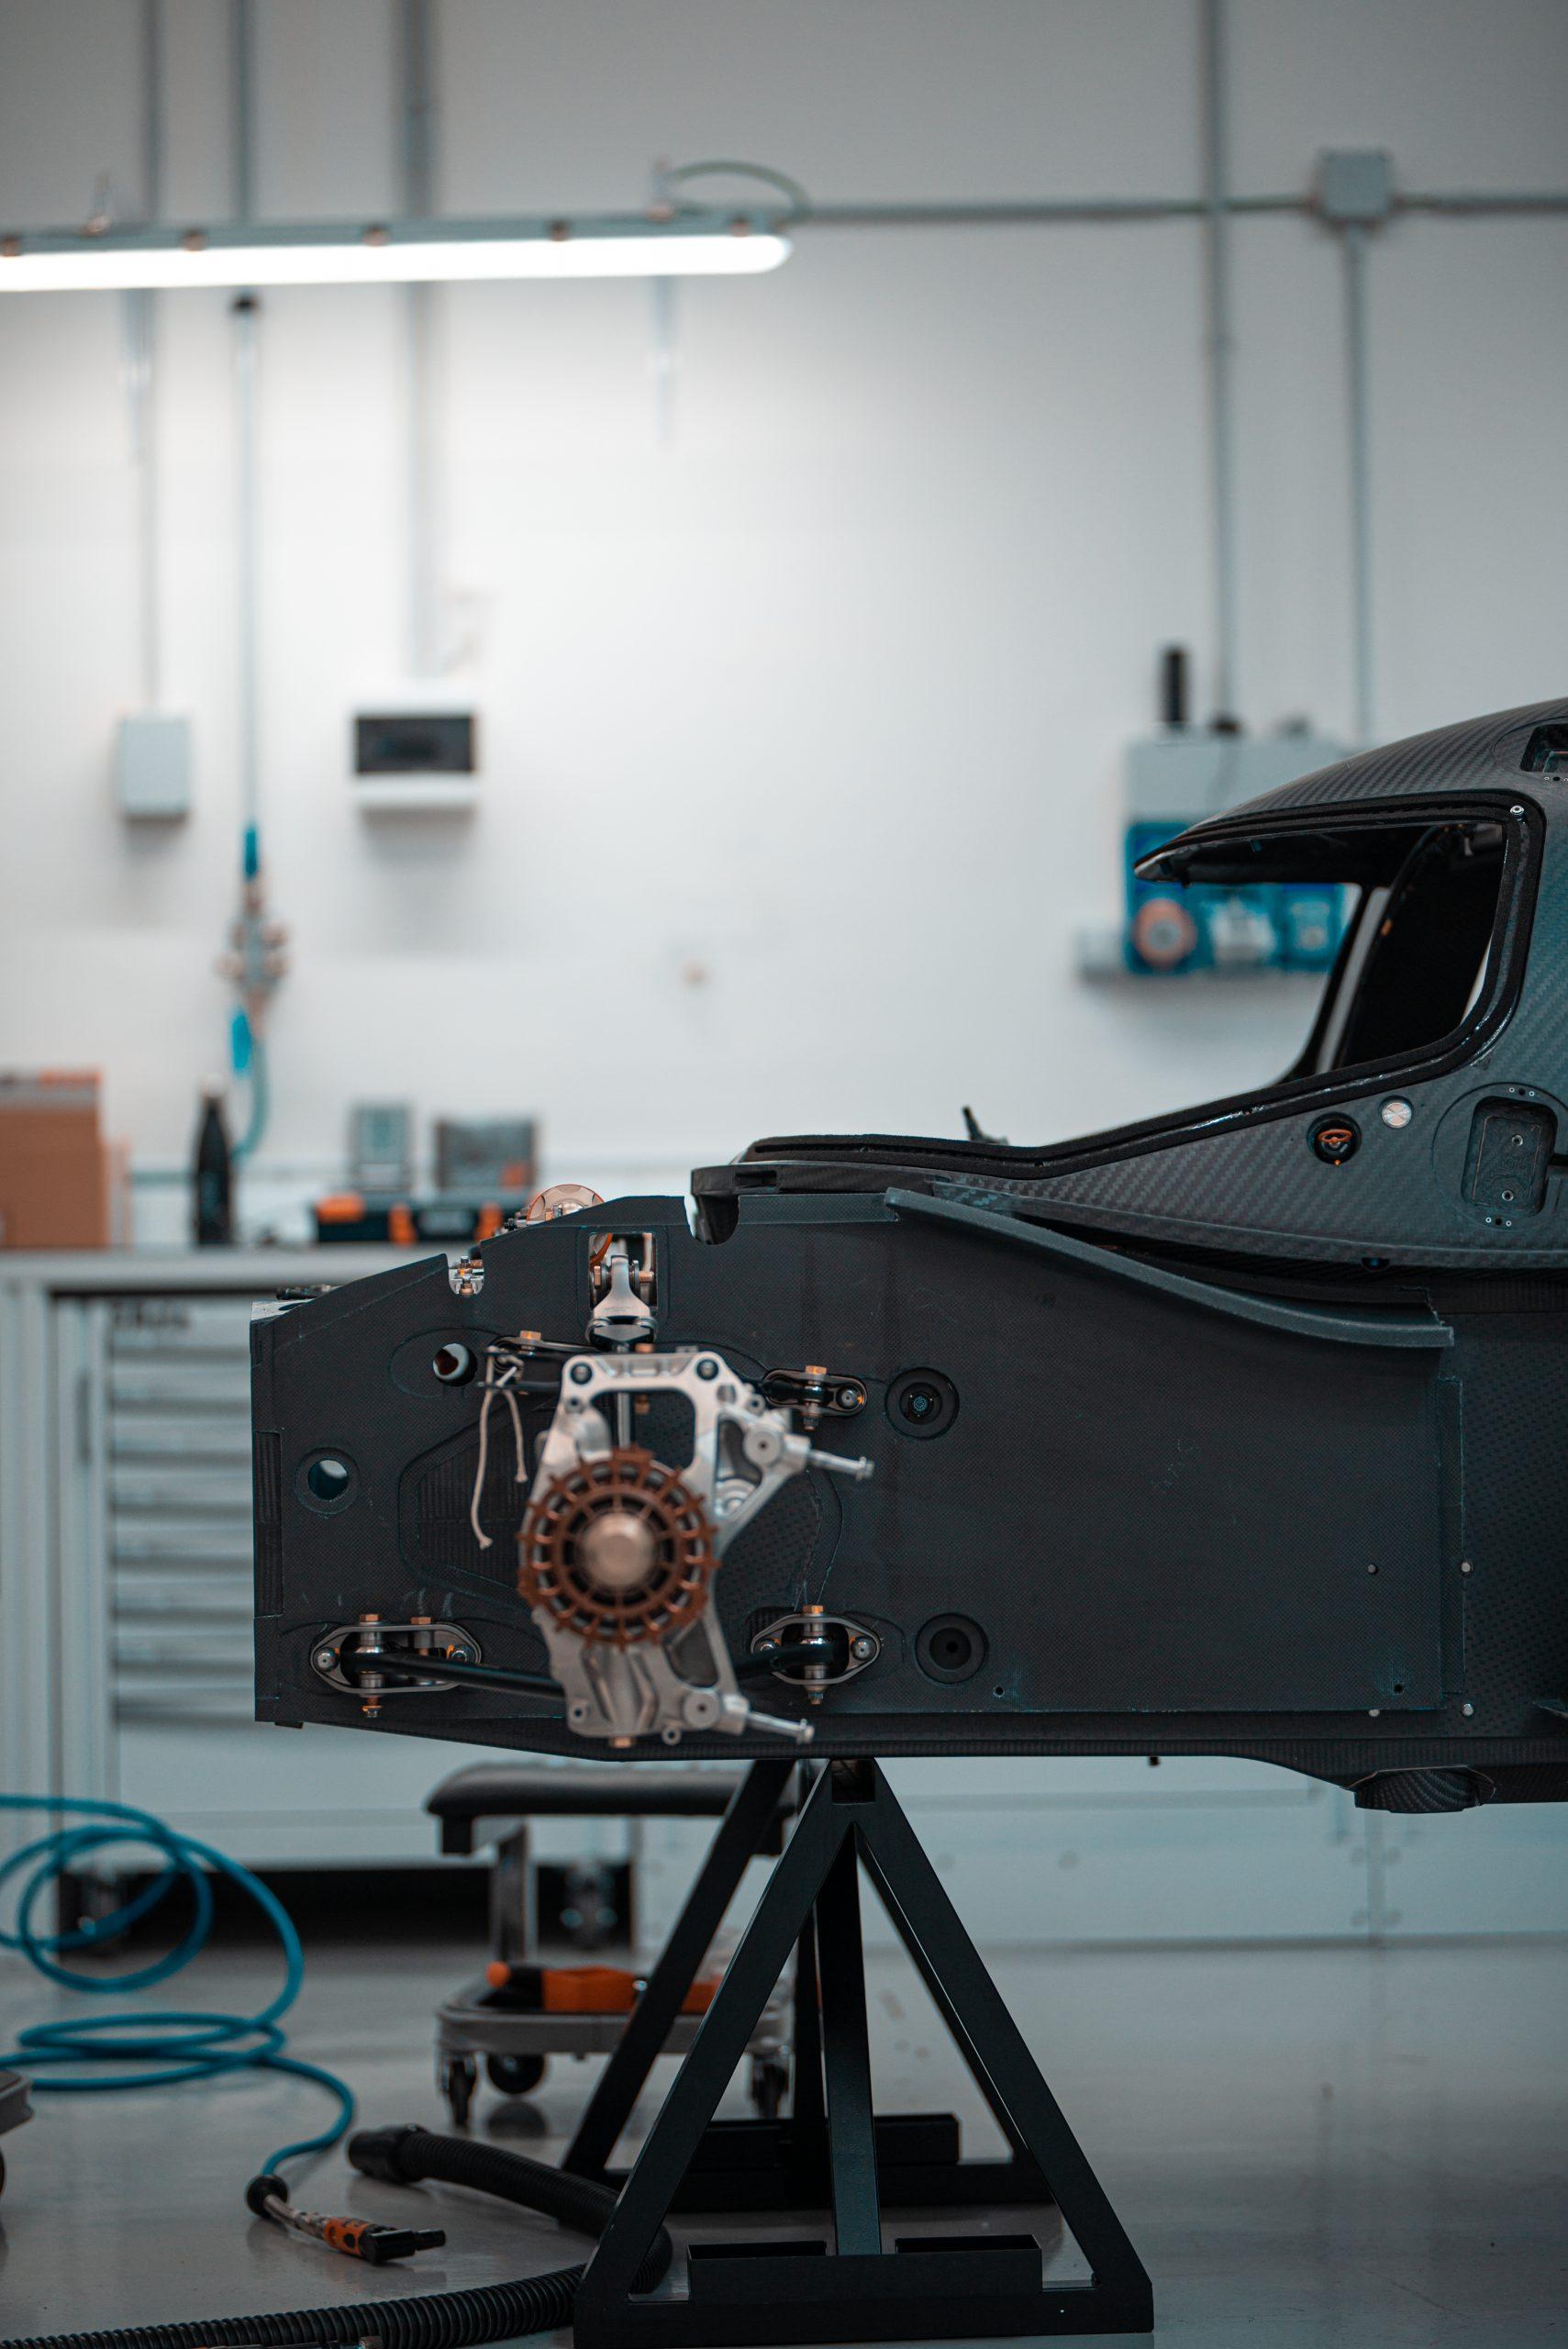 Glickenhaus 007 Hypercar LMH monocoque front axle